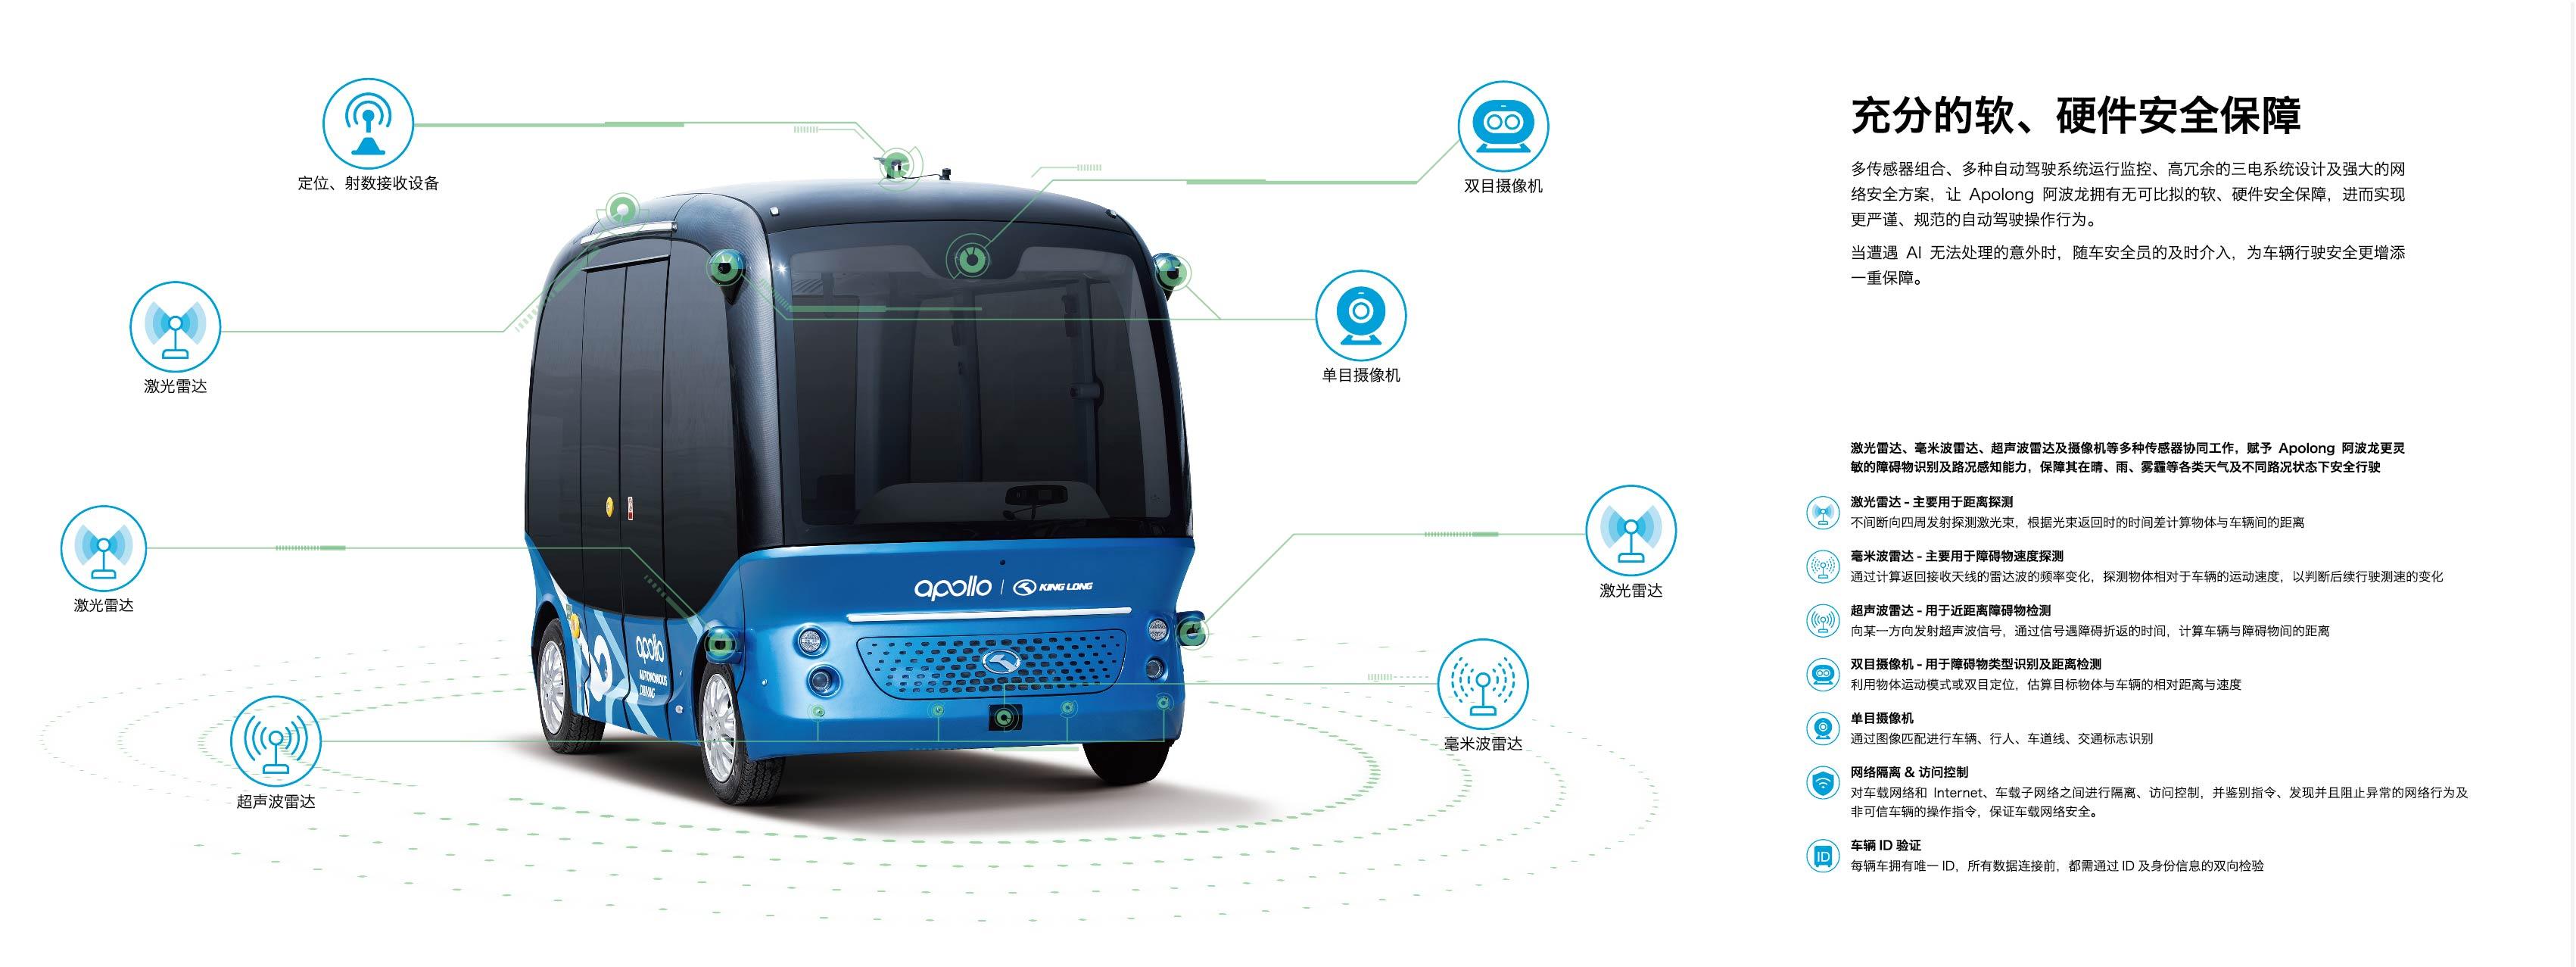 湖州金龙大巴车有多长,大巴车